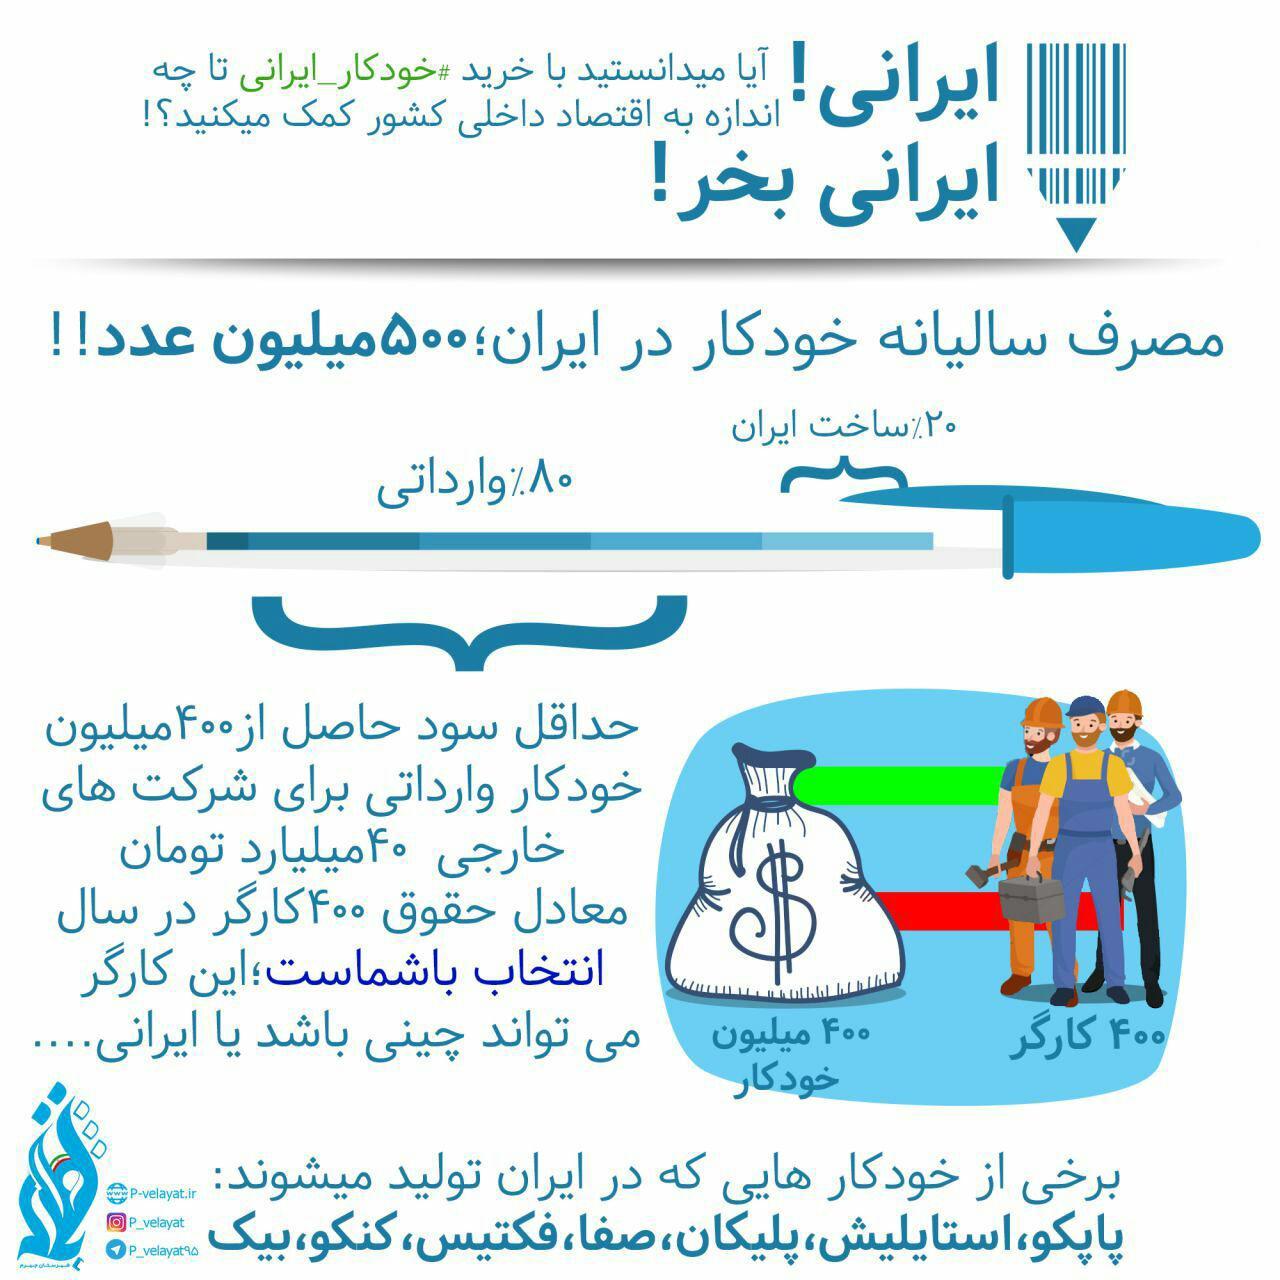 ایرانی؛ایرانی بخر!